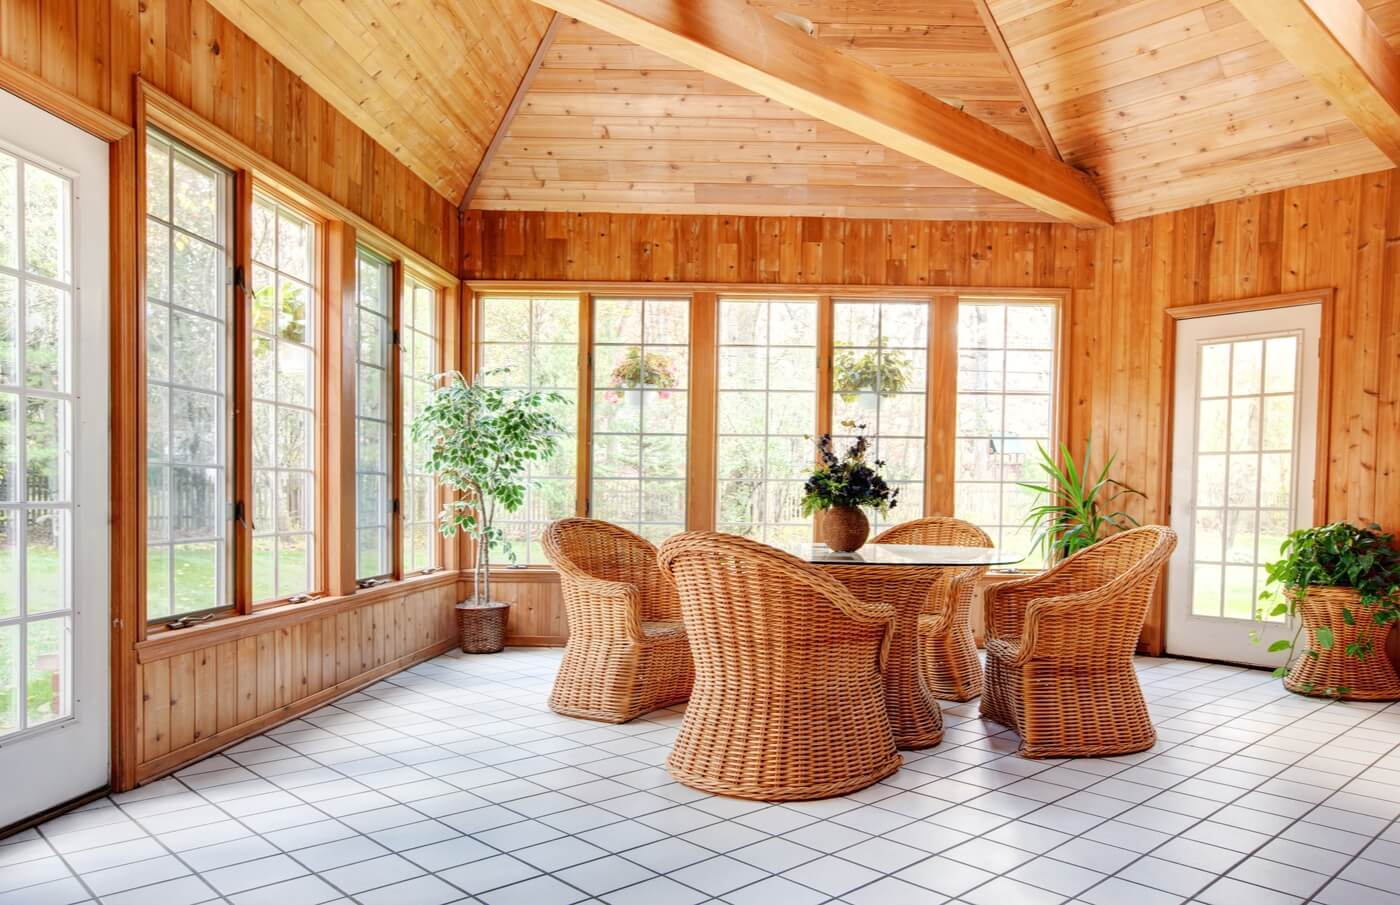 Revestimientos de madera para las paredes: una tendencia sofisticada